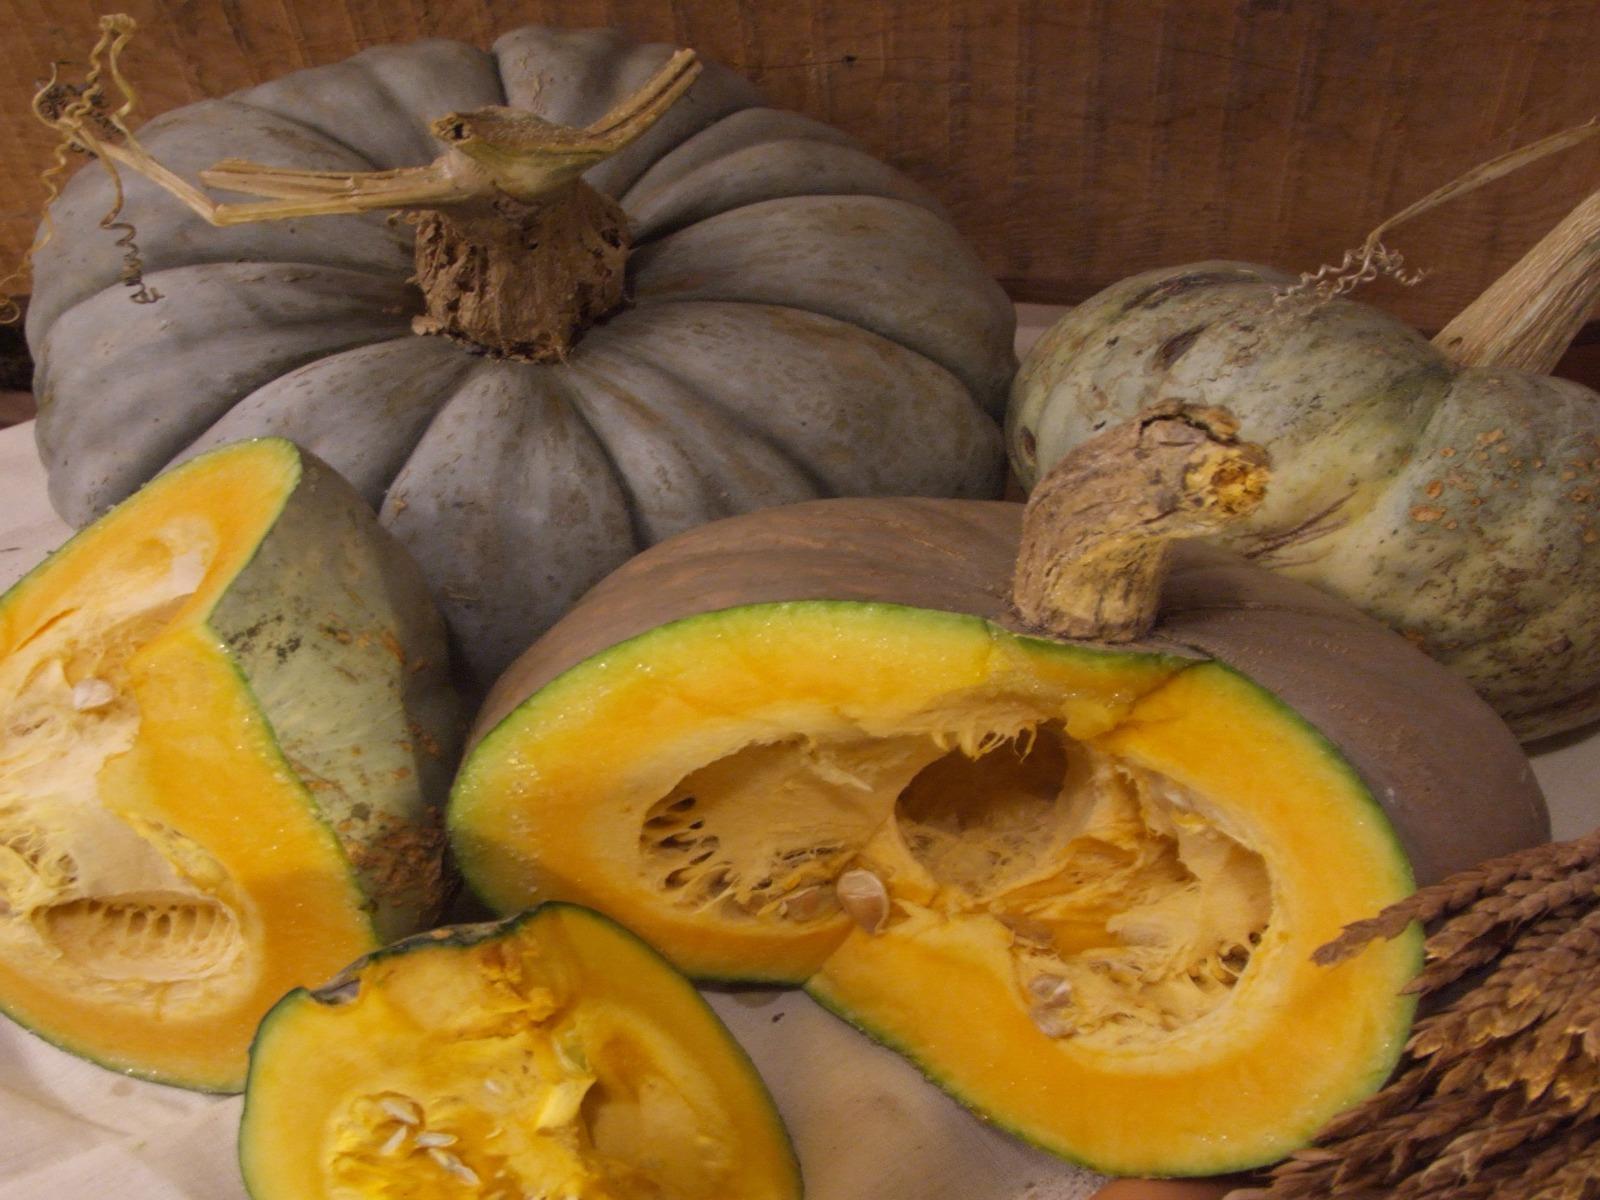 Mostra mercato della Zucca Santa Bellunese